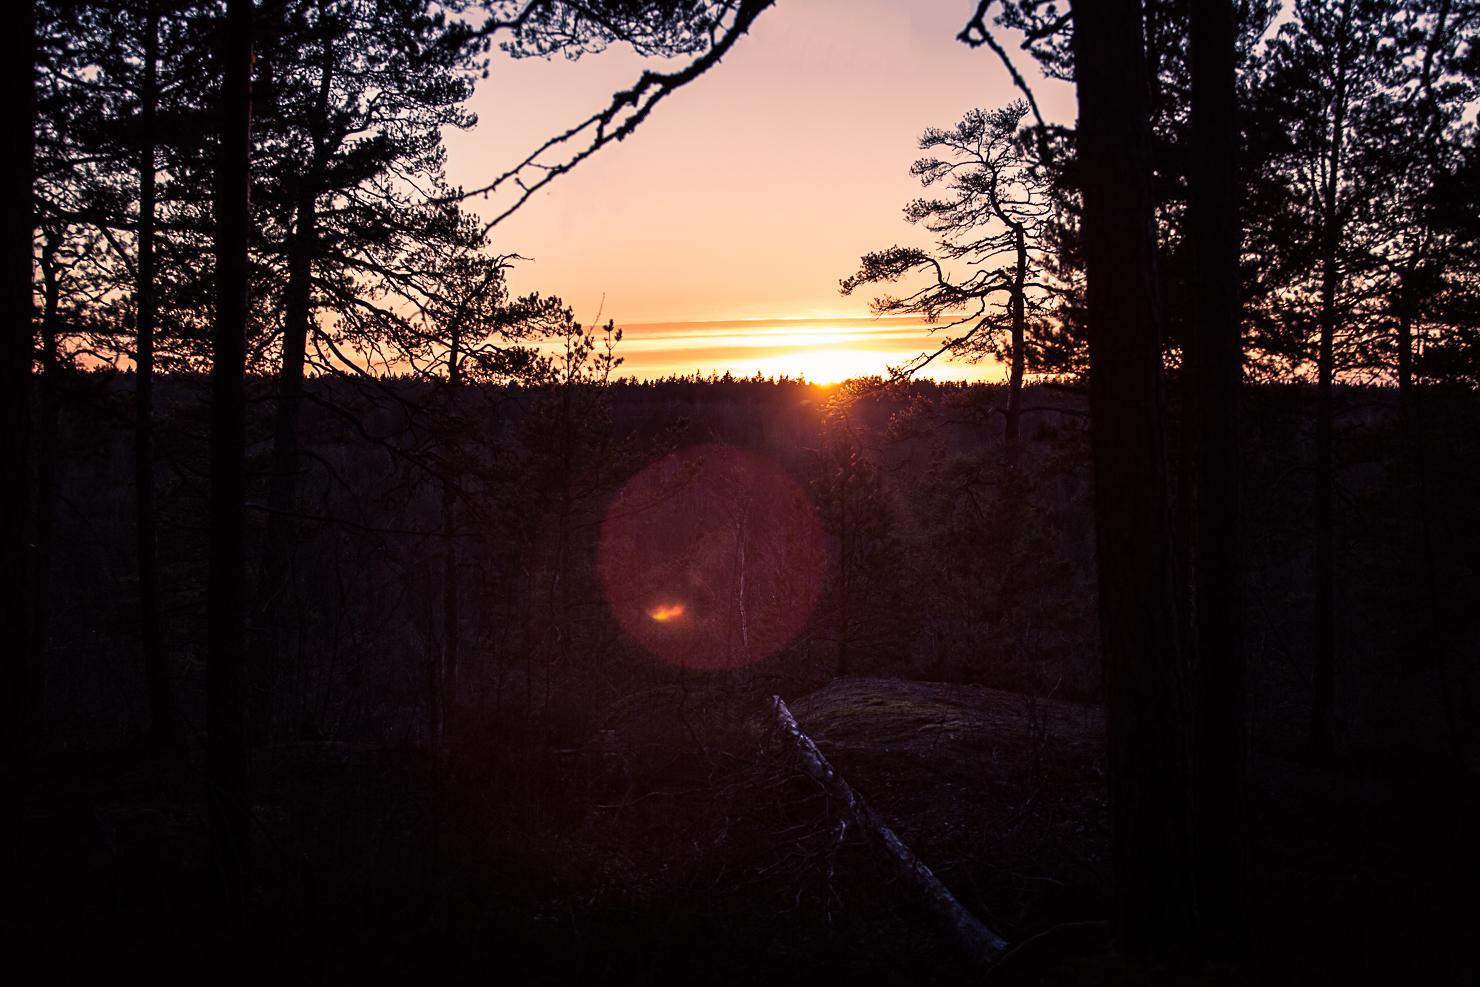 solnedgang-agelsjon